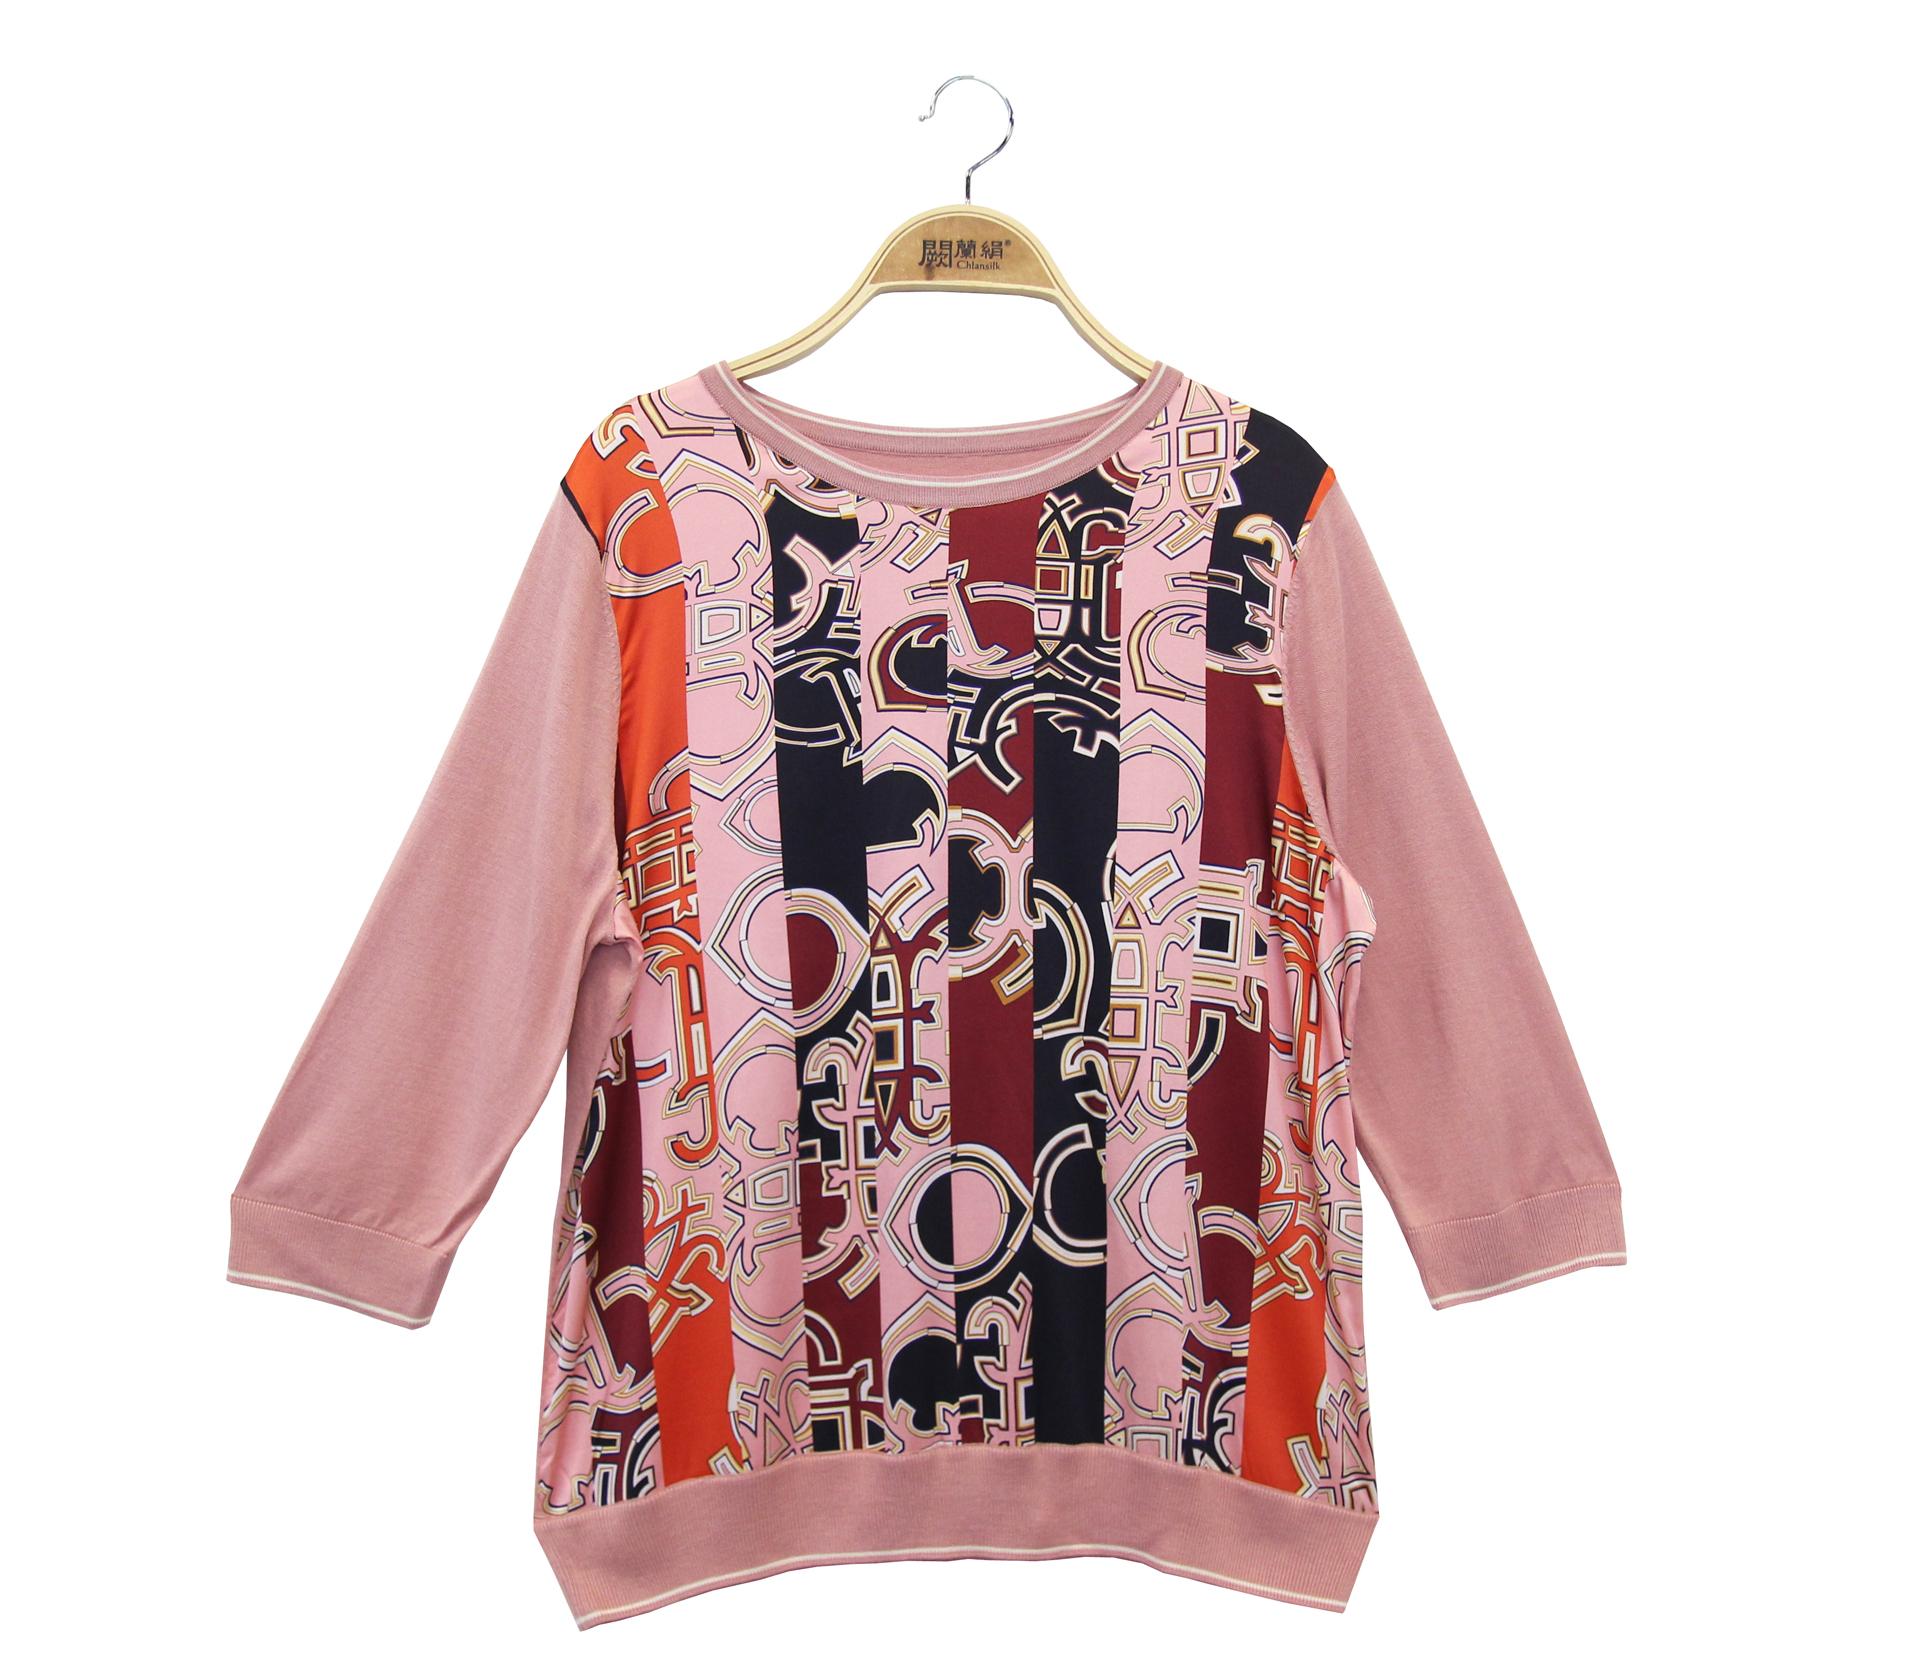 闕蘭絹拼接滑布鎖鏈蠶絲六分袖針織上衣 - 粉色 - 6643